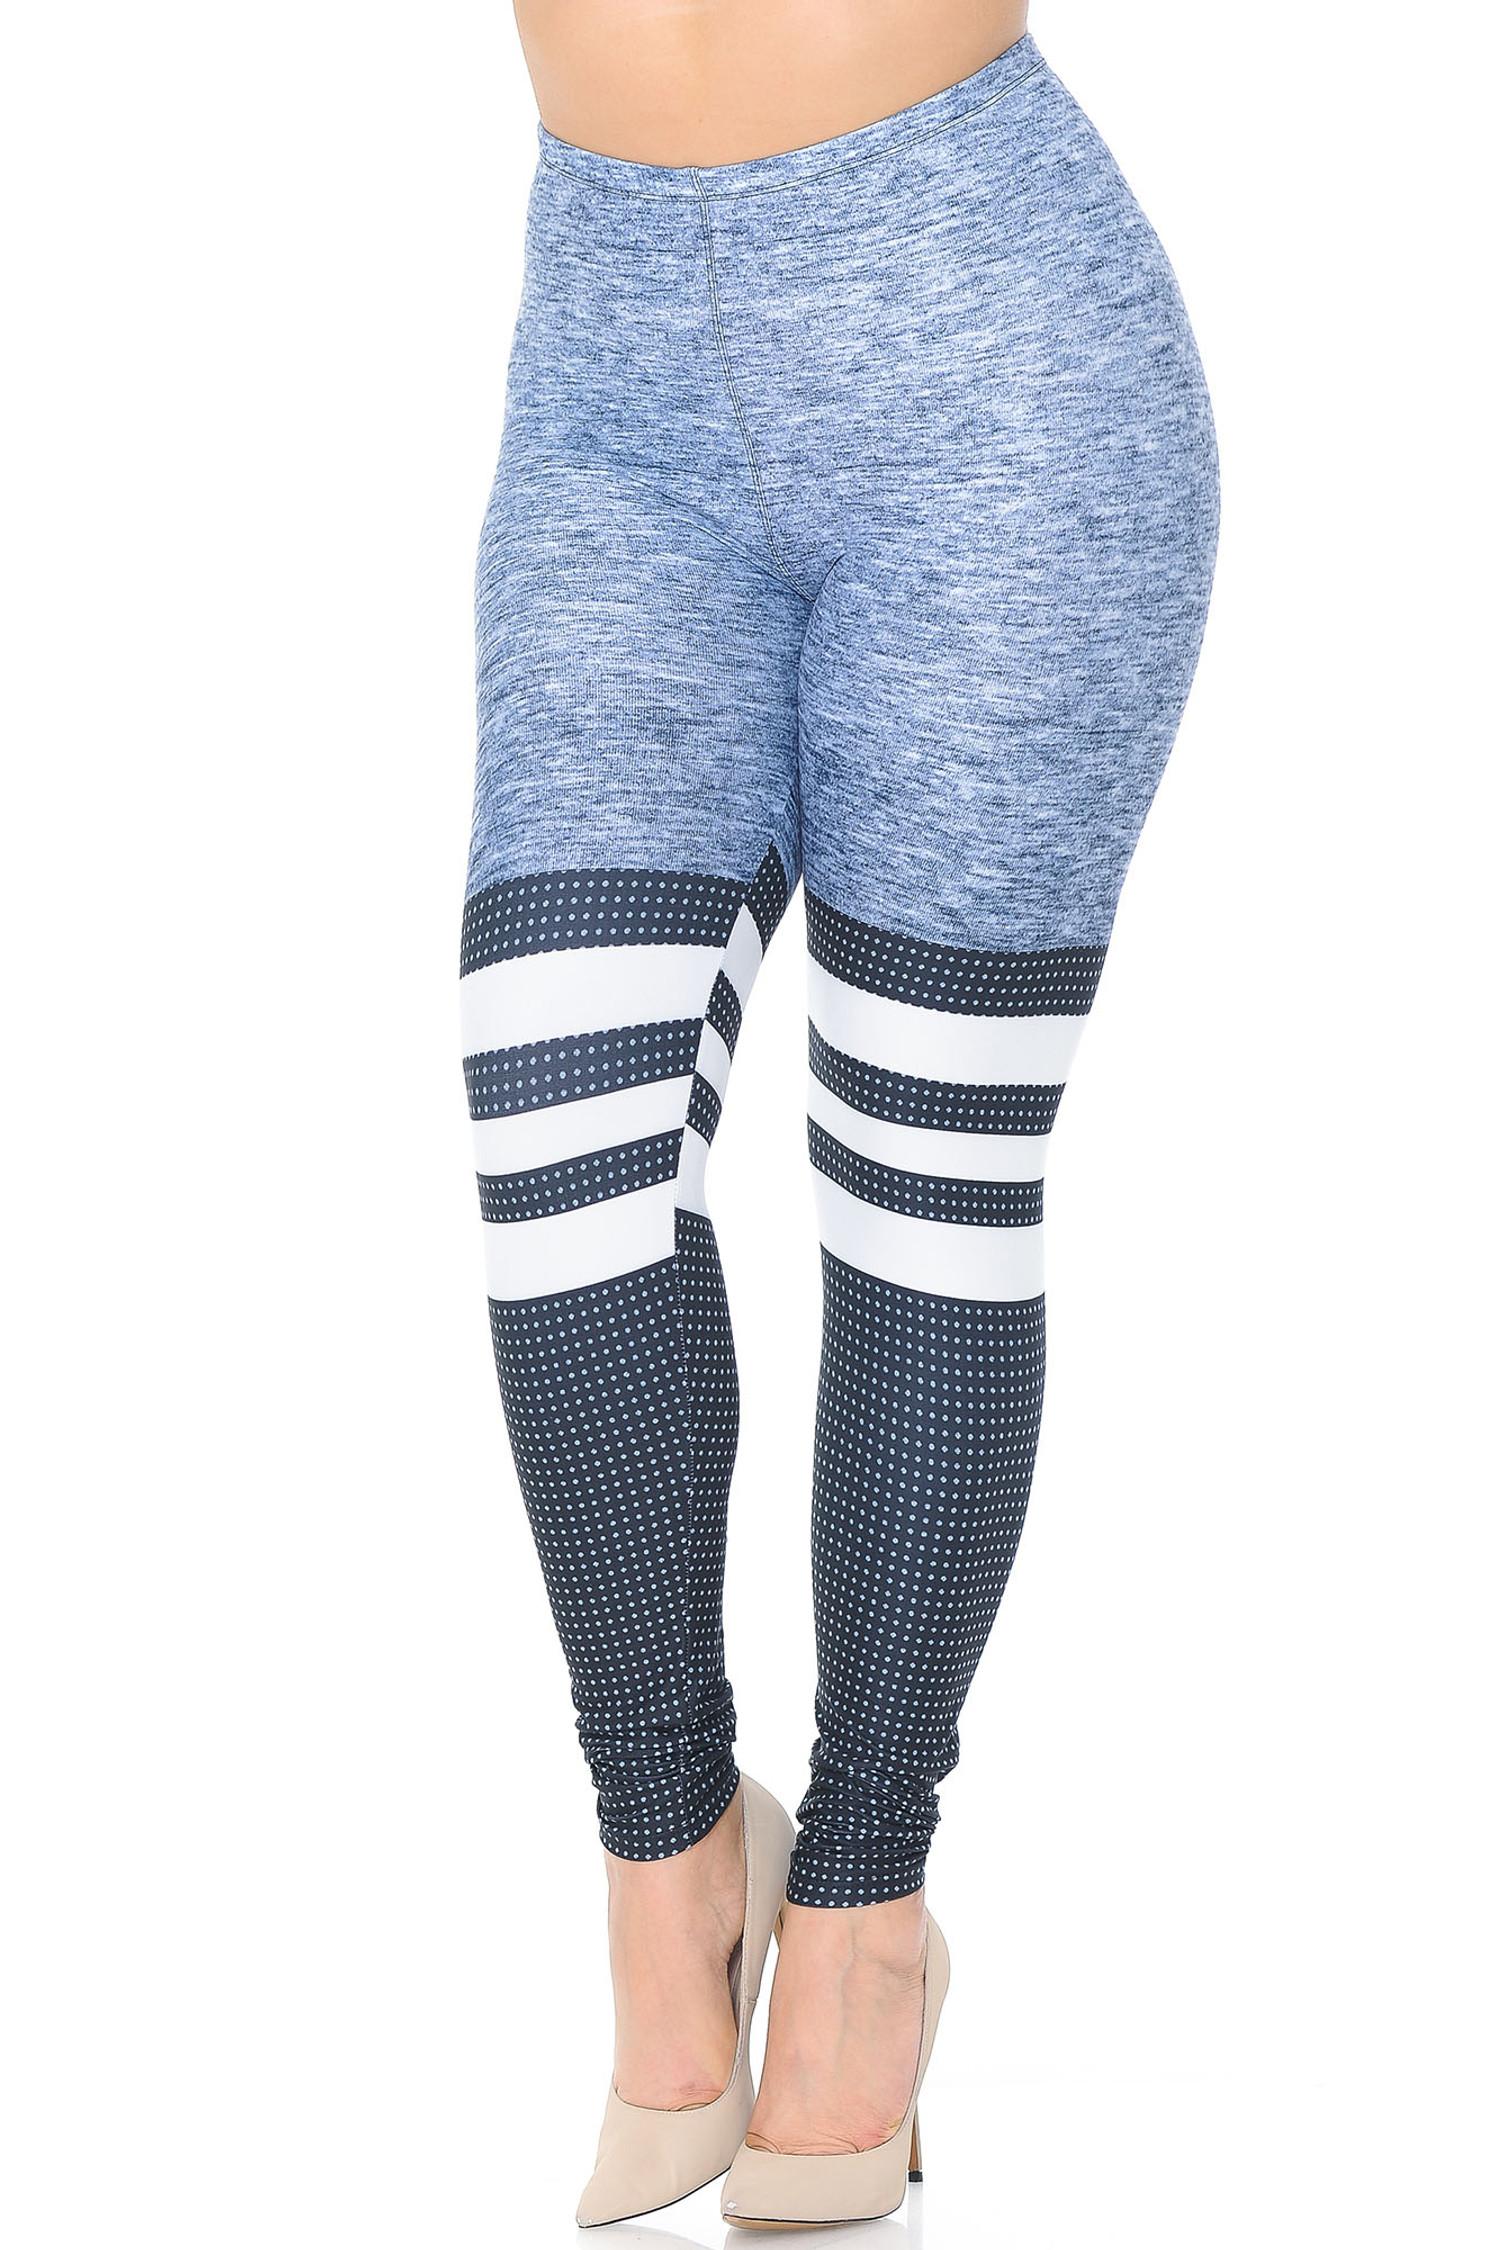 Creamy Soft Split Sport Plus Size Leggings - USA Fashion™